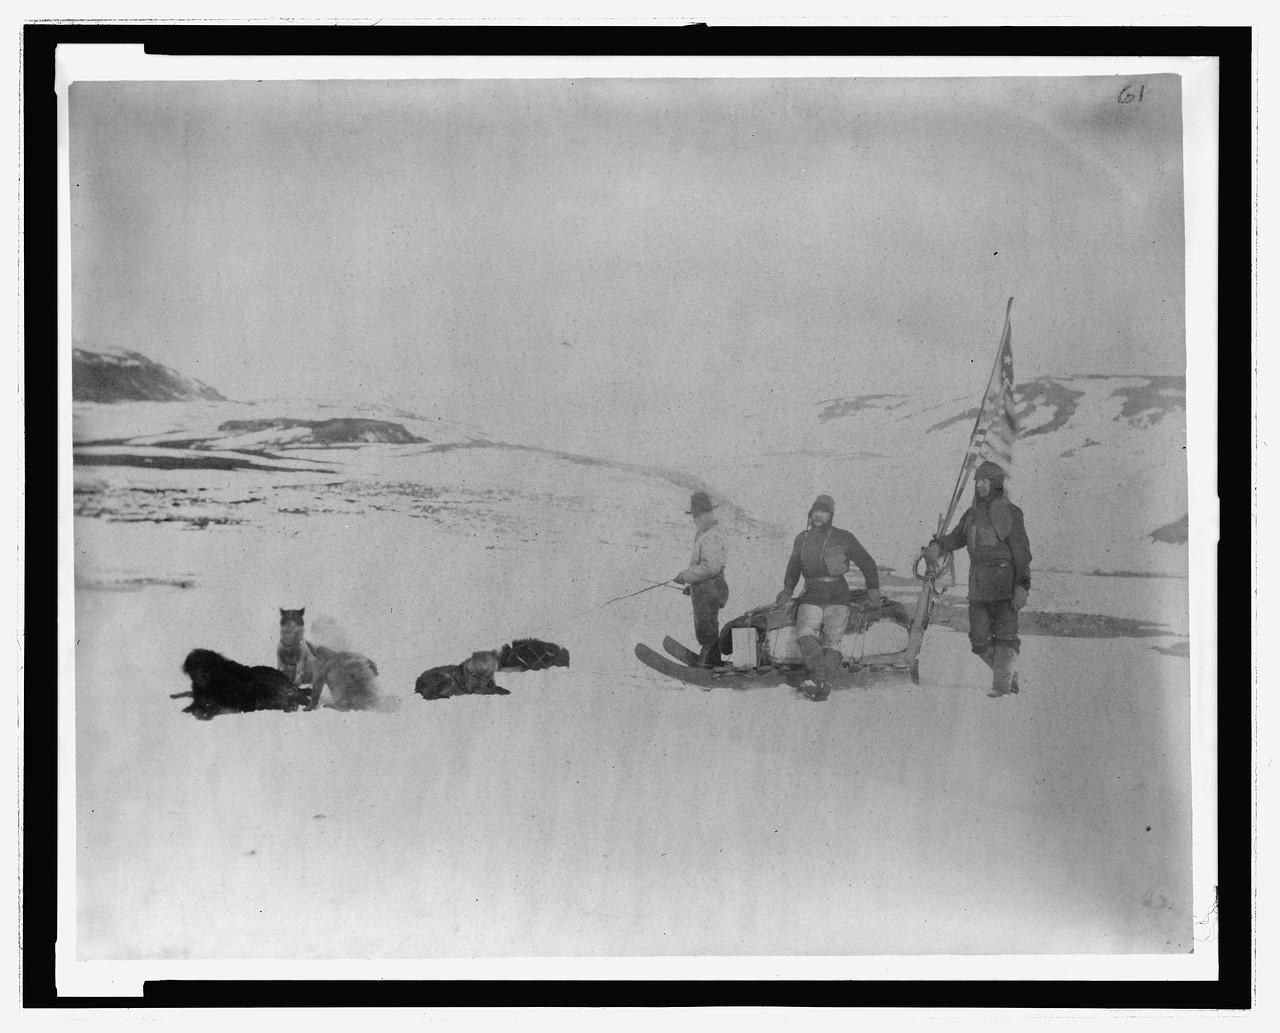 3c36190u лейтенант Локвуд, сержант. Брейнард и эскимос, покидающие Конгера, апрель].jpg